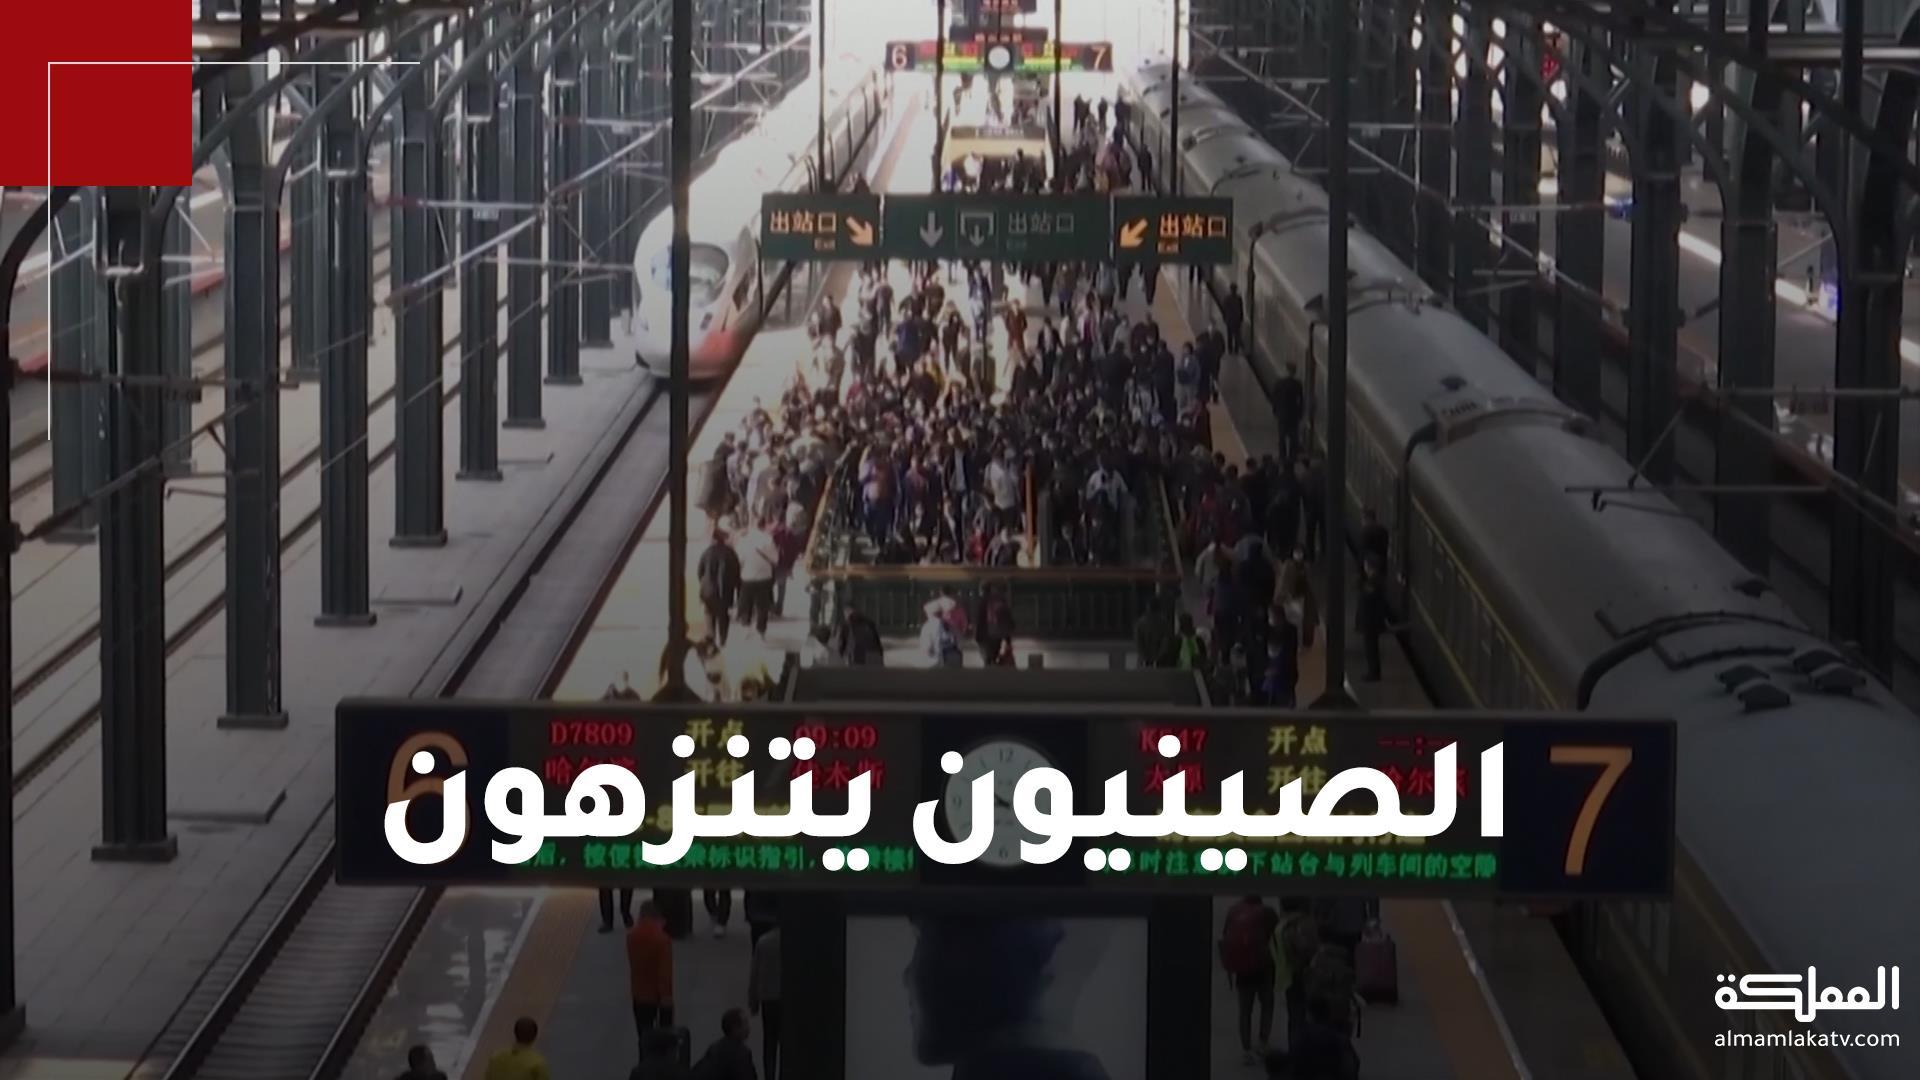 فيما يصارع العالم الوباء.. الصينيون يحتفلون بعيد العمال بـ267 مليون رحلة